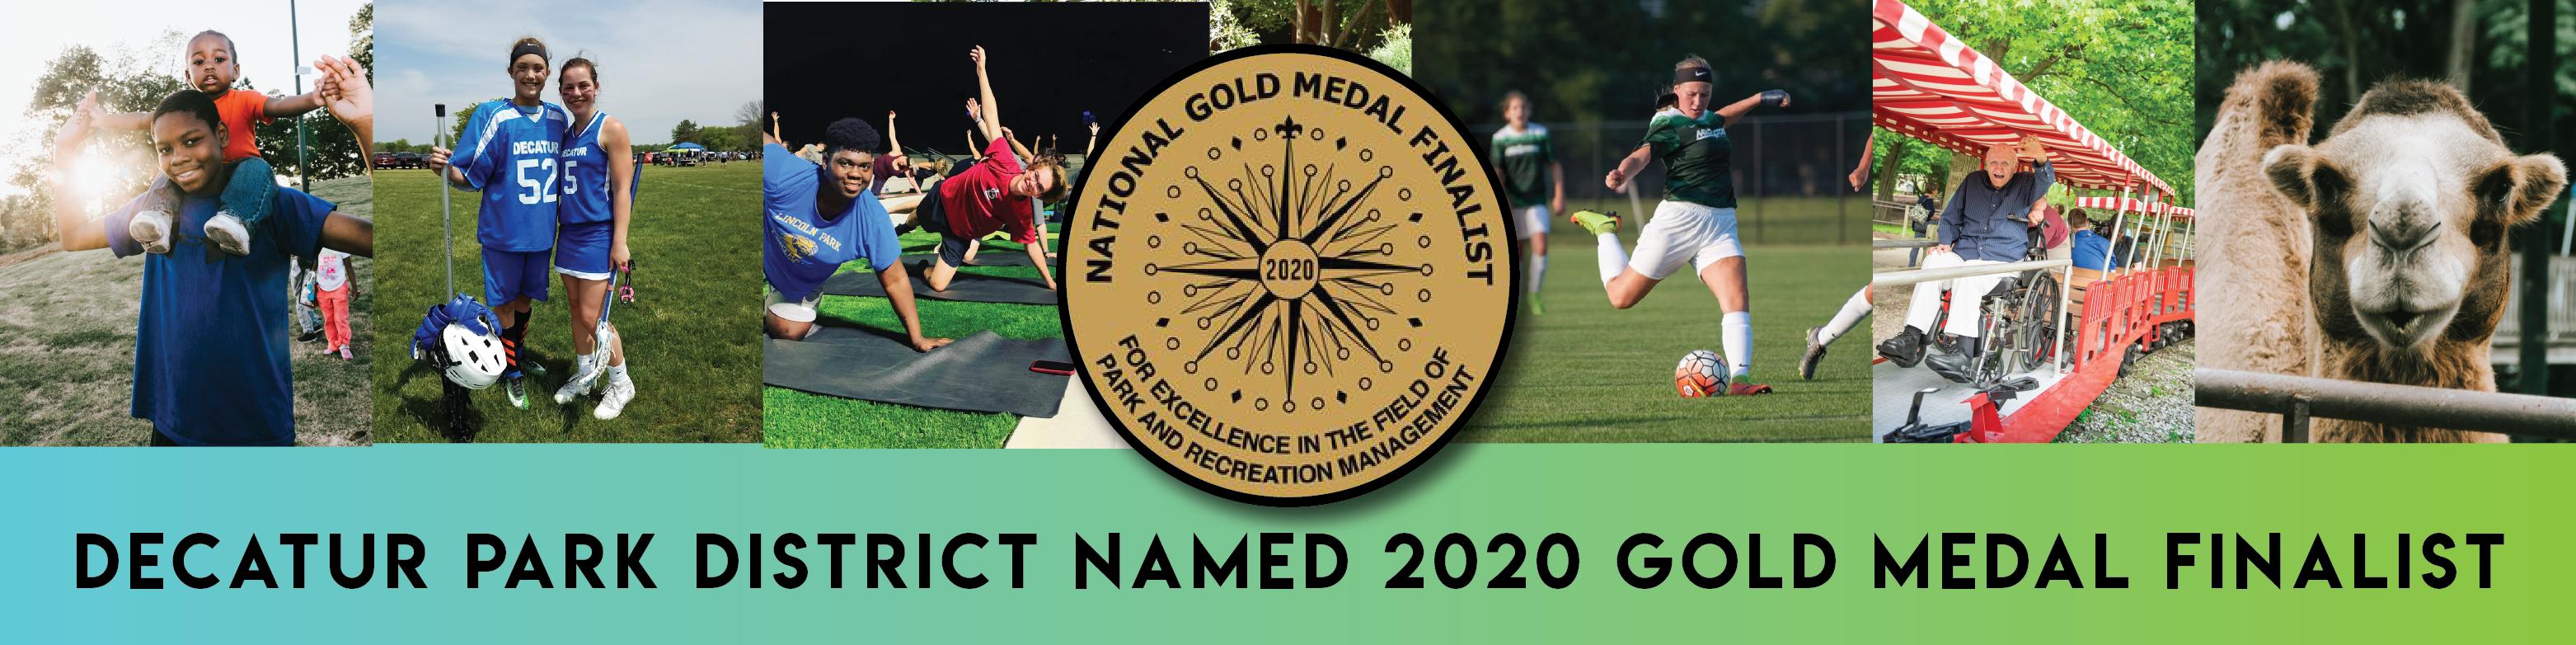 GoldMedal_2020-01